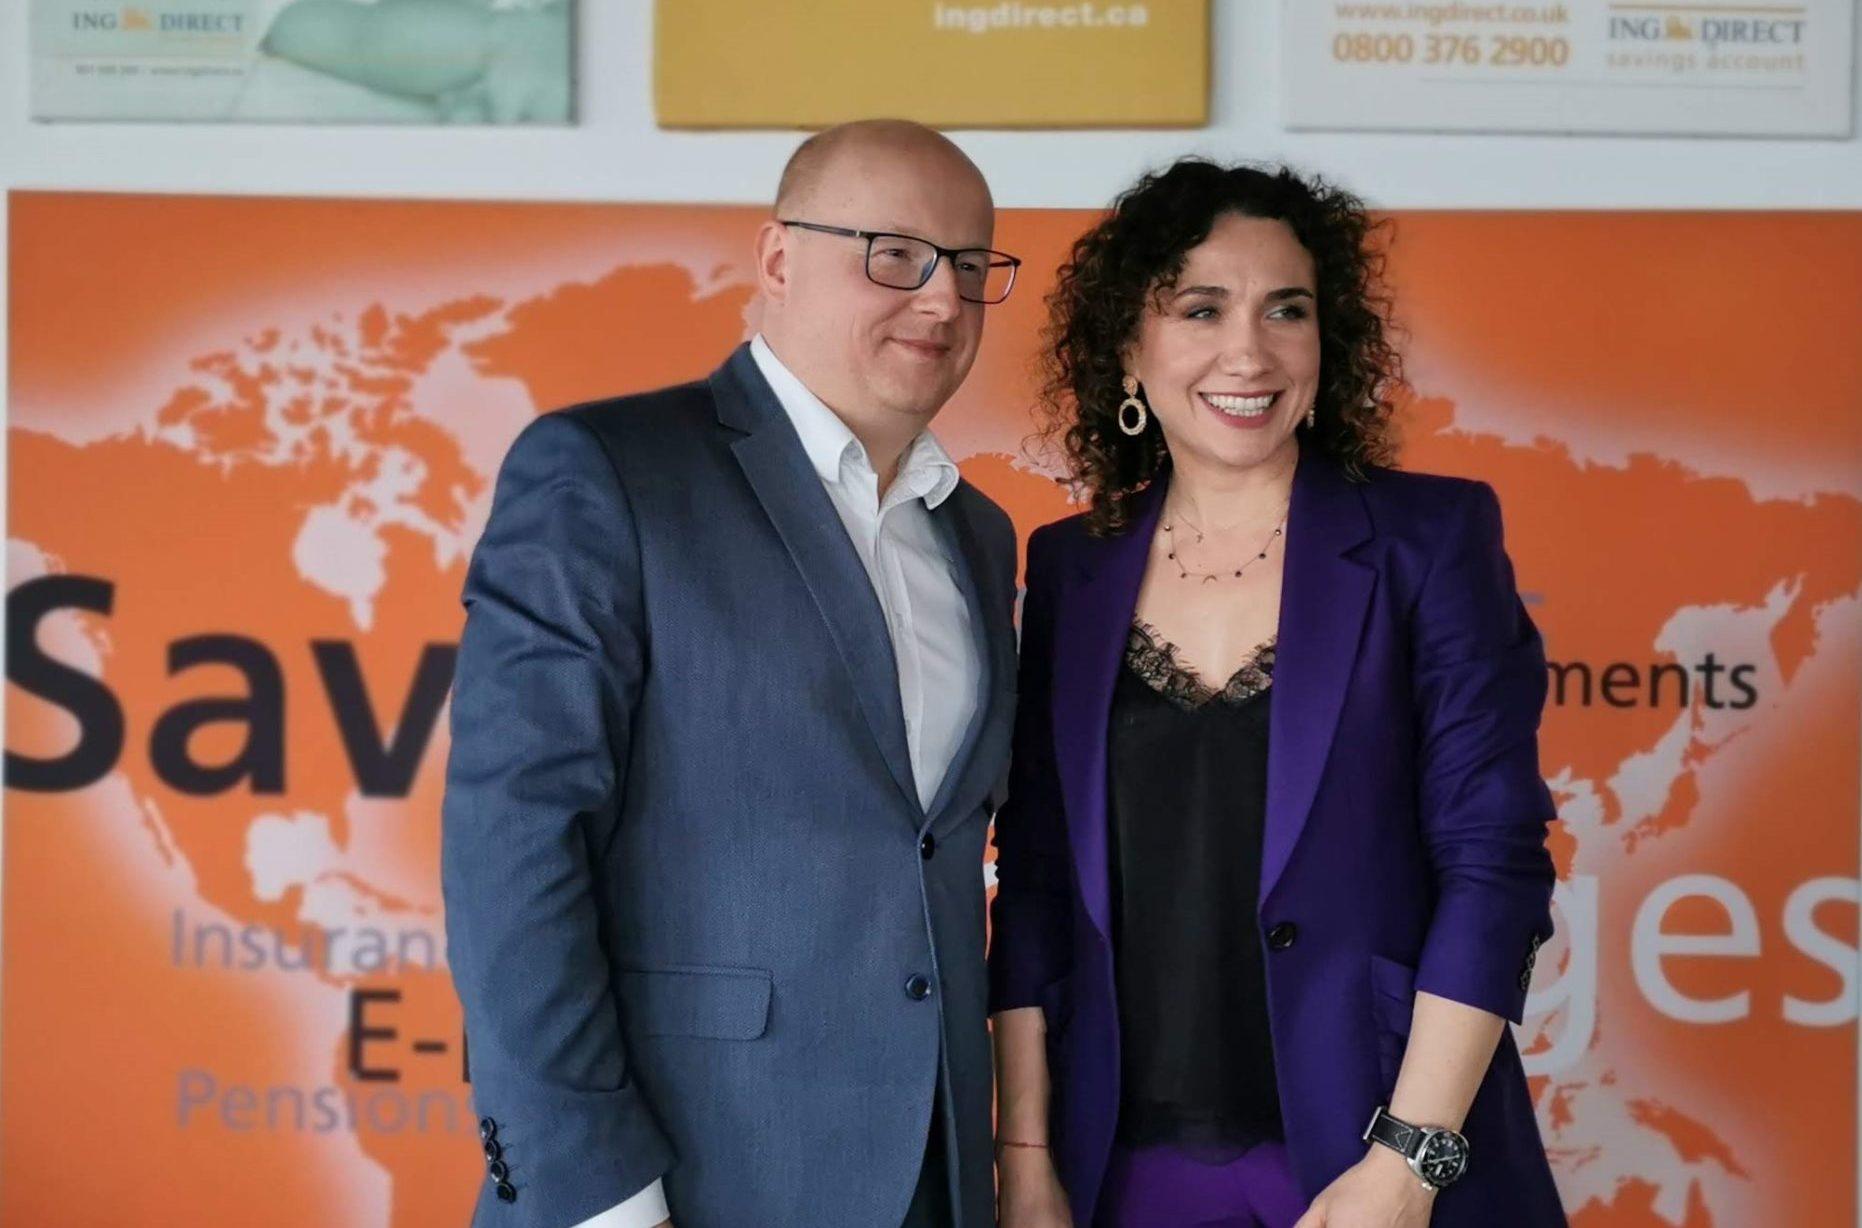 Interview with Sławomir Soszyński, Vice-President, ING Bank Śląski